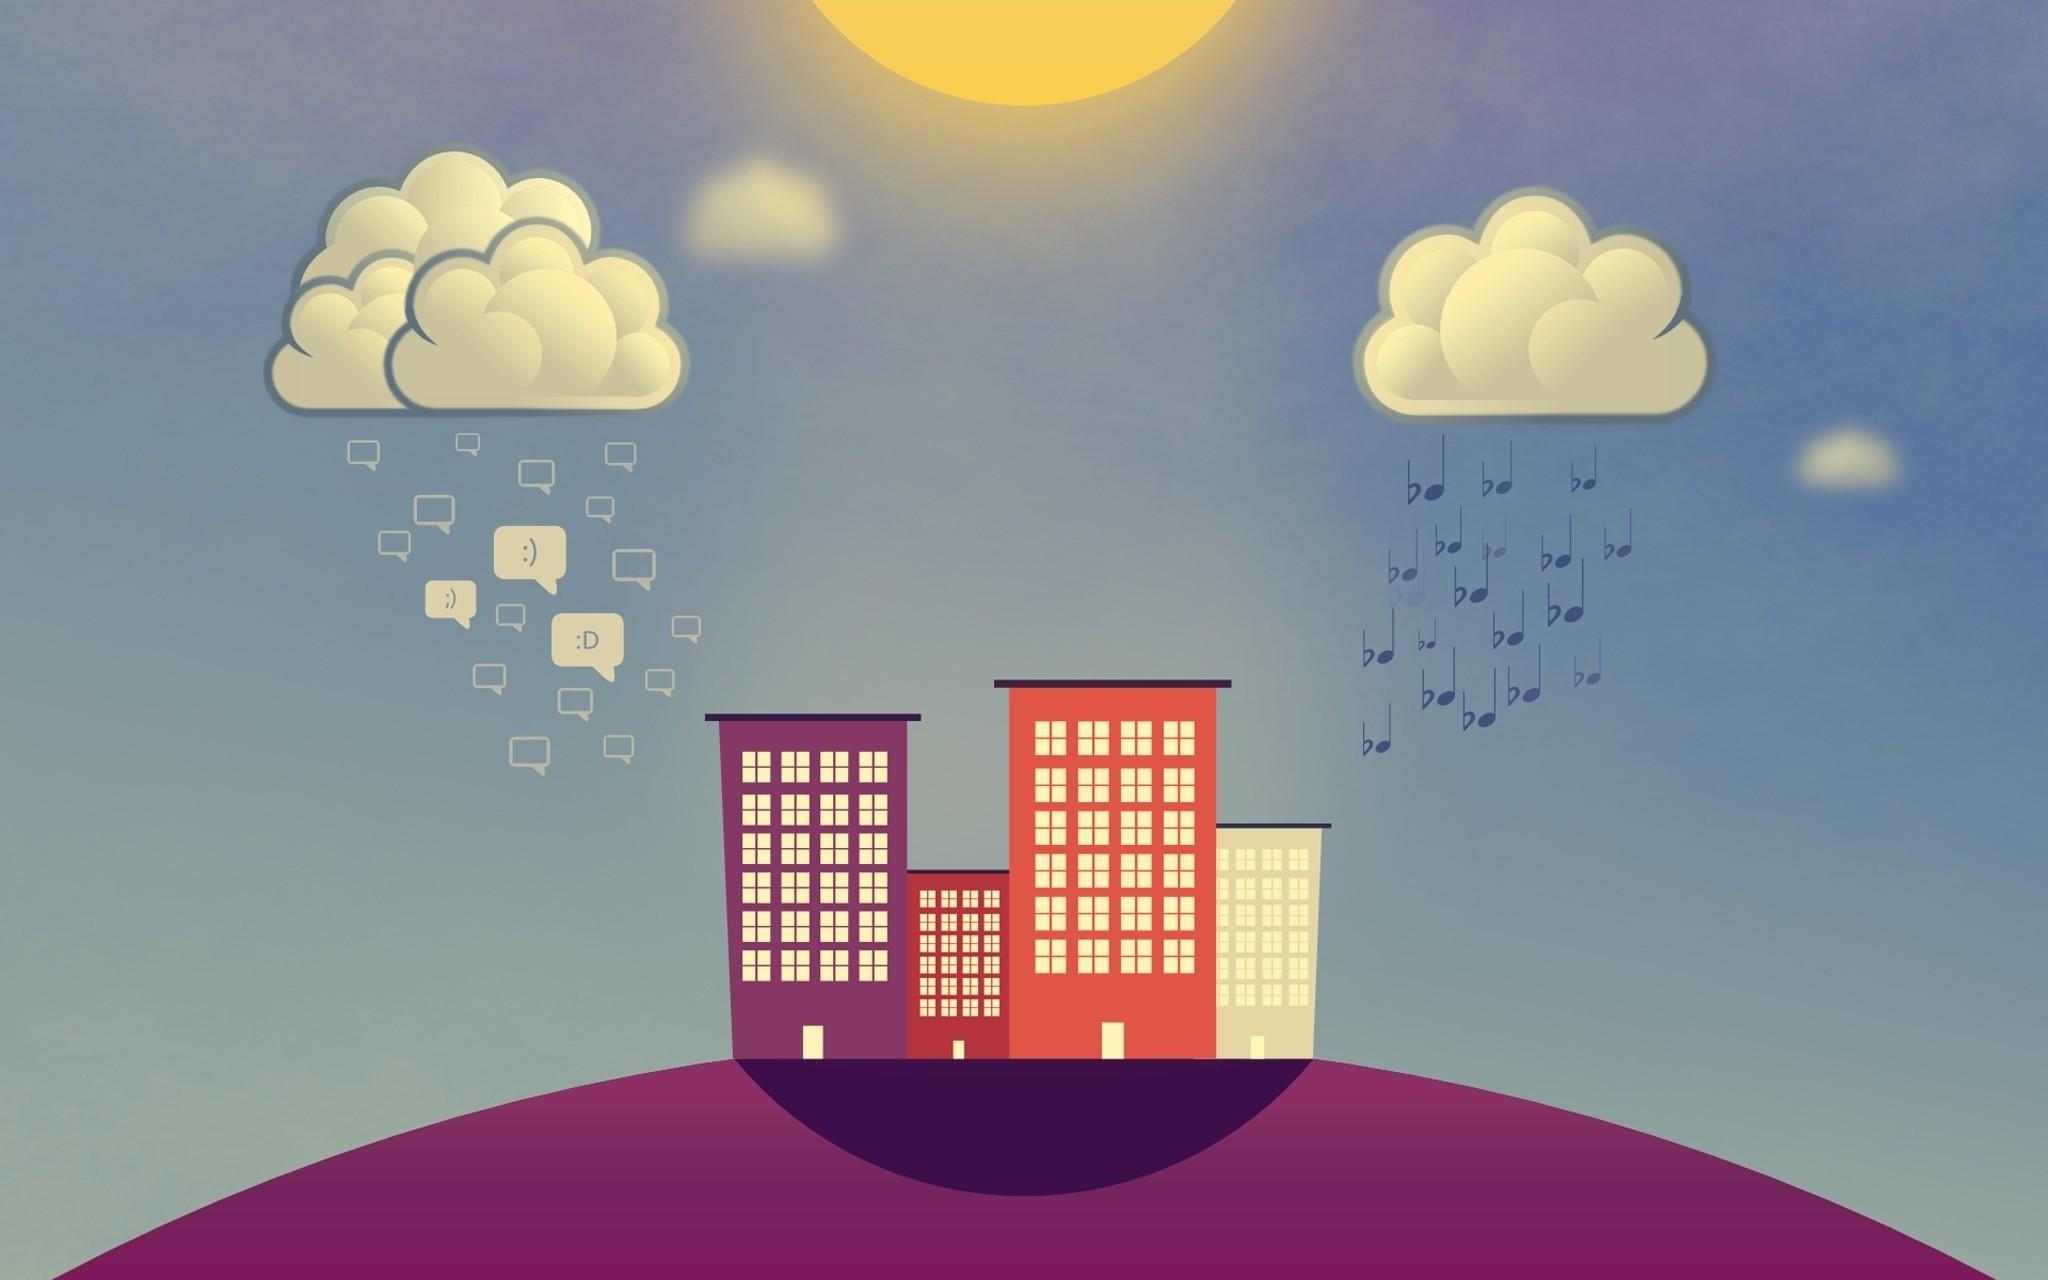 156835 Hintergrundbild herunterladen Musik, Regen, Clouds, Vektor, Gebäude, Lächeln, Anmerkungen, Smileys - Bildschirmschoner und Bilder kostenlos